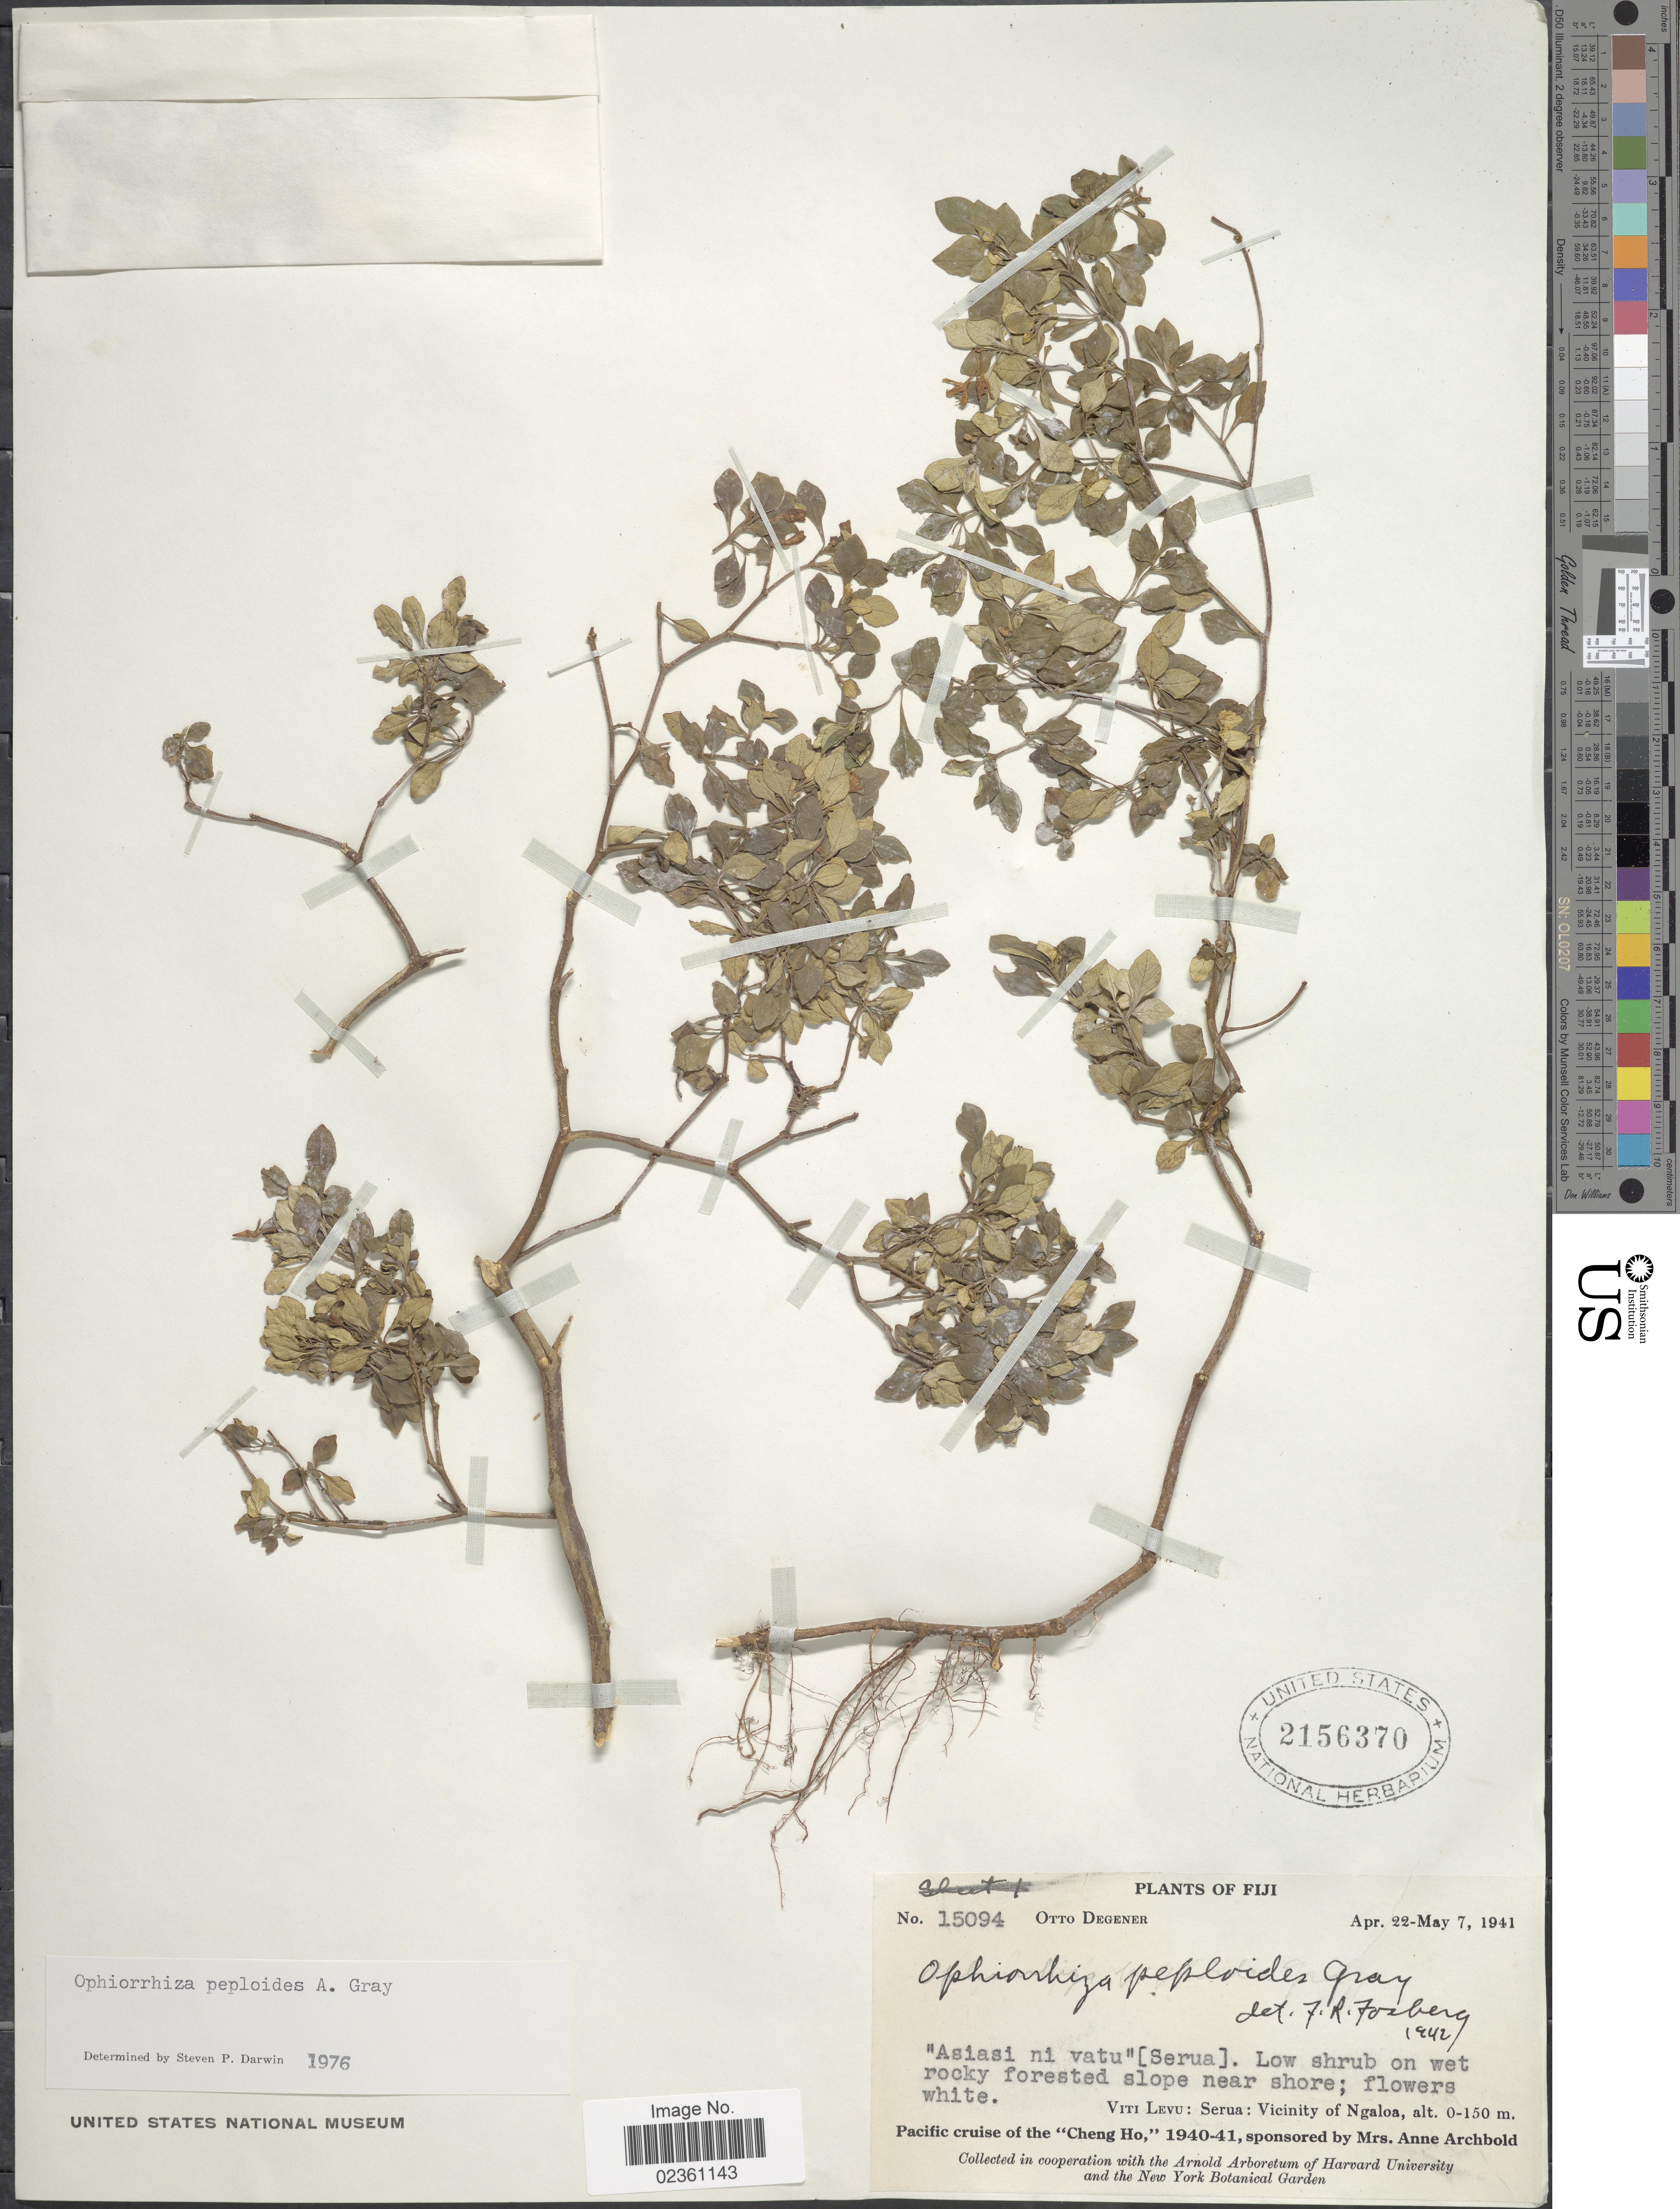 Image of <i>Ophiorrhiza peploides</i> A. Gray